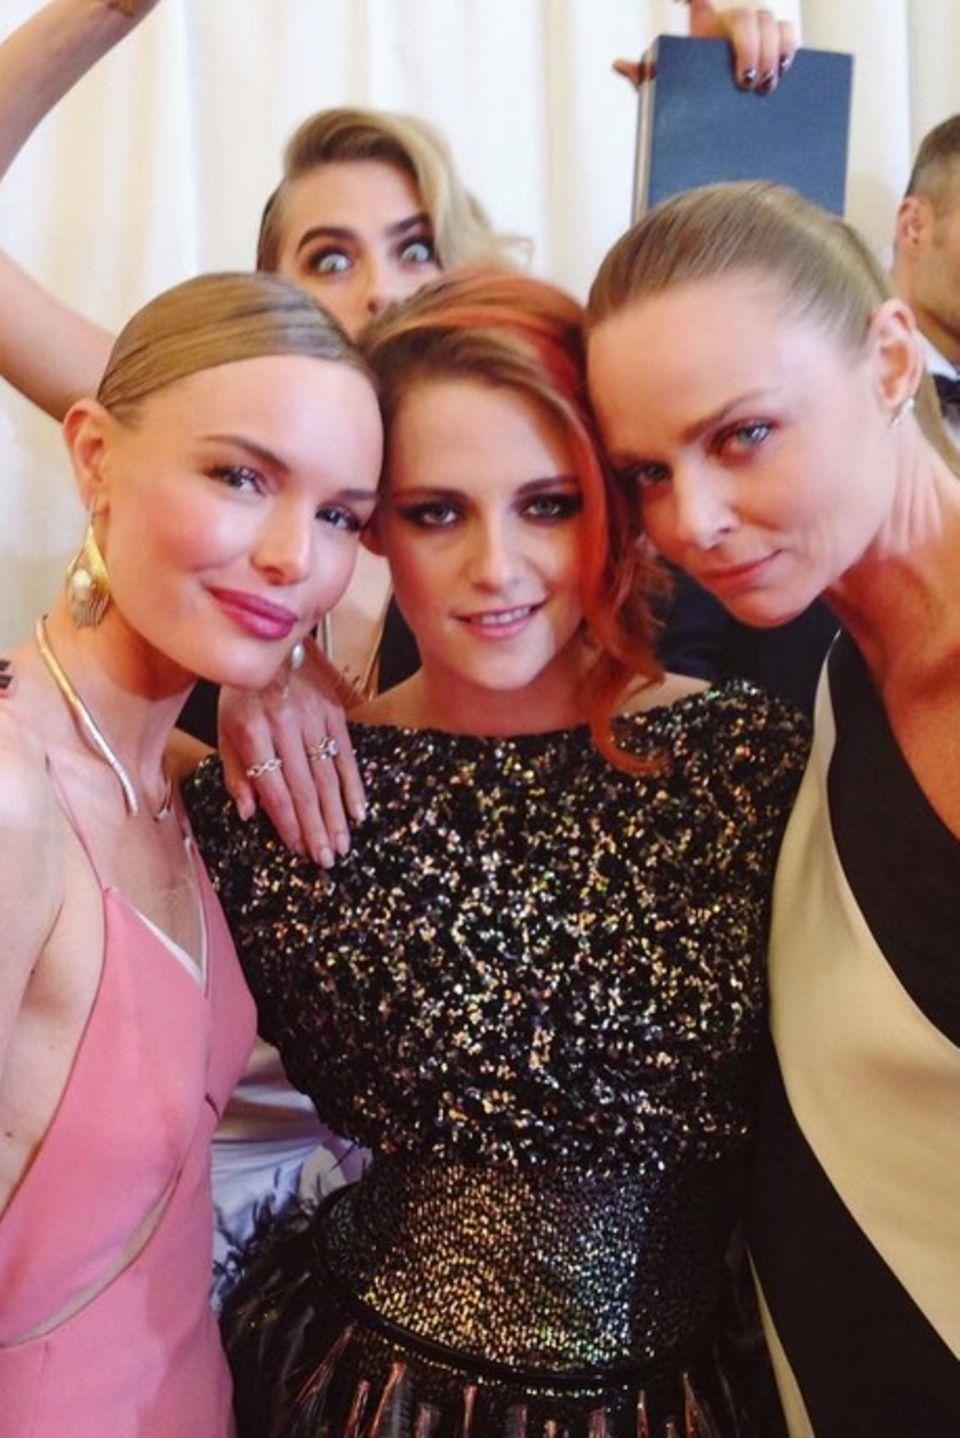 Kate Bosworth, Kristen Stewart und Stella McCartney posieren gemeinsam für ein Foto. Na, erkennen Sie, werdas schöne Gruppenbild im Hintergrund sprengt? Richtig, es ist das Model Cara Delevingne, die ganz aufgeregt im Hintergrund springt.